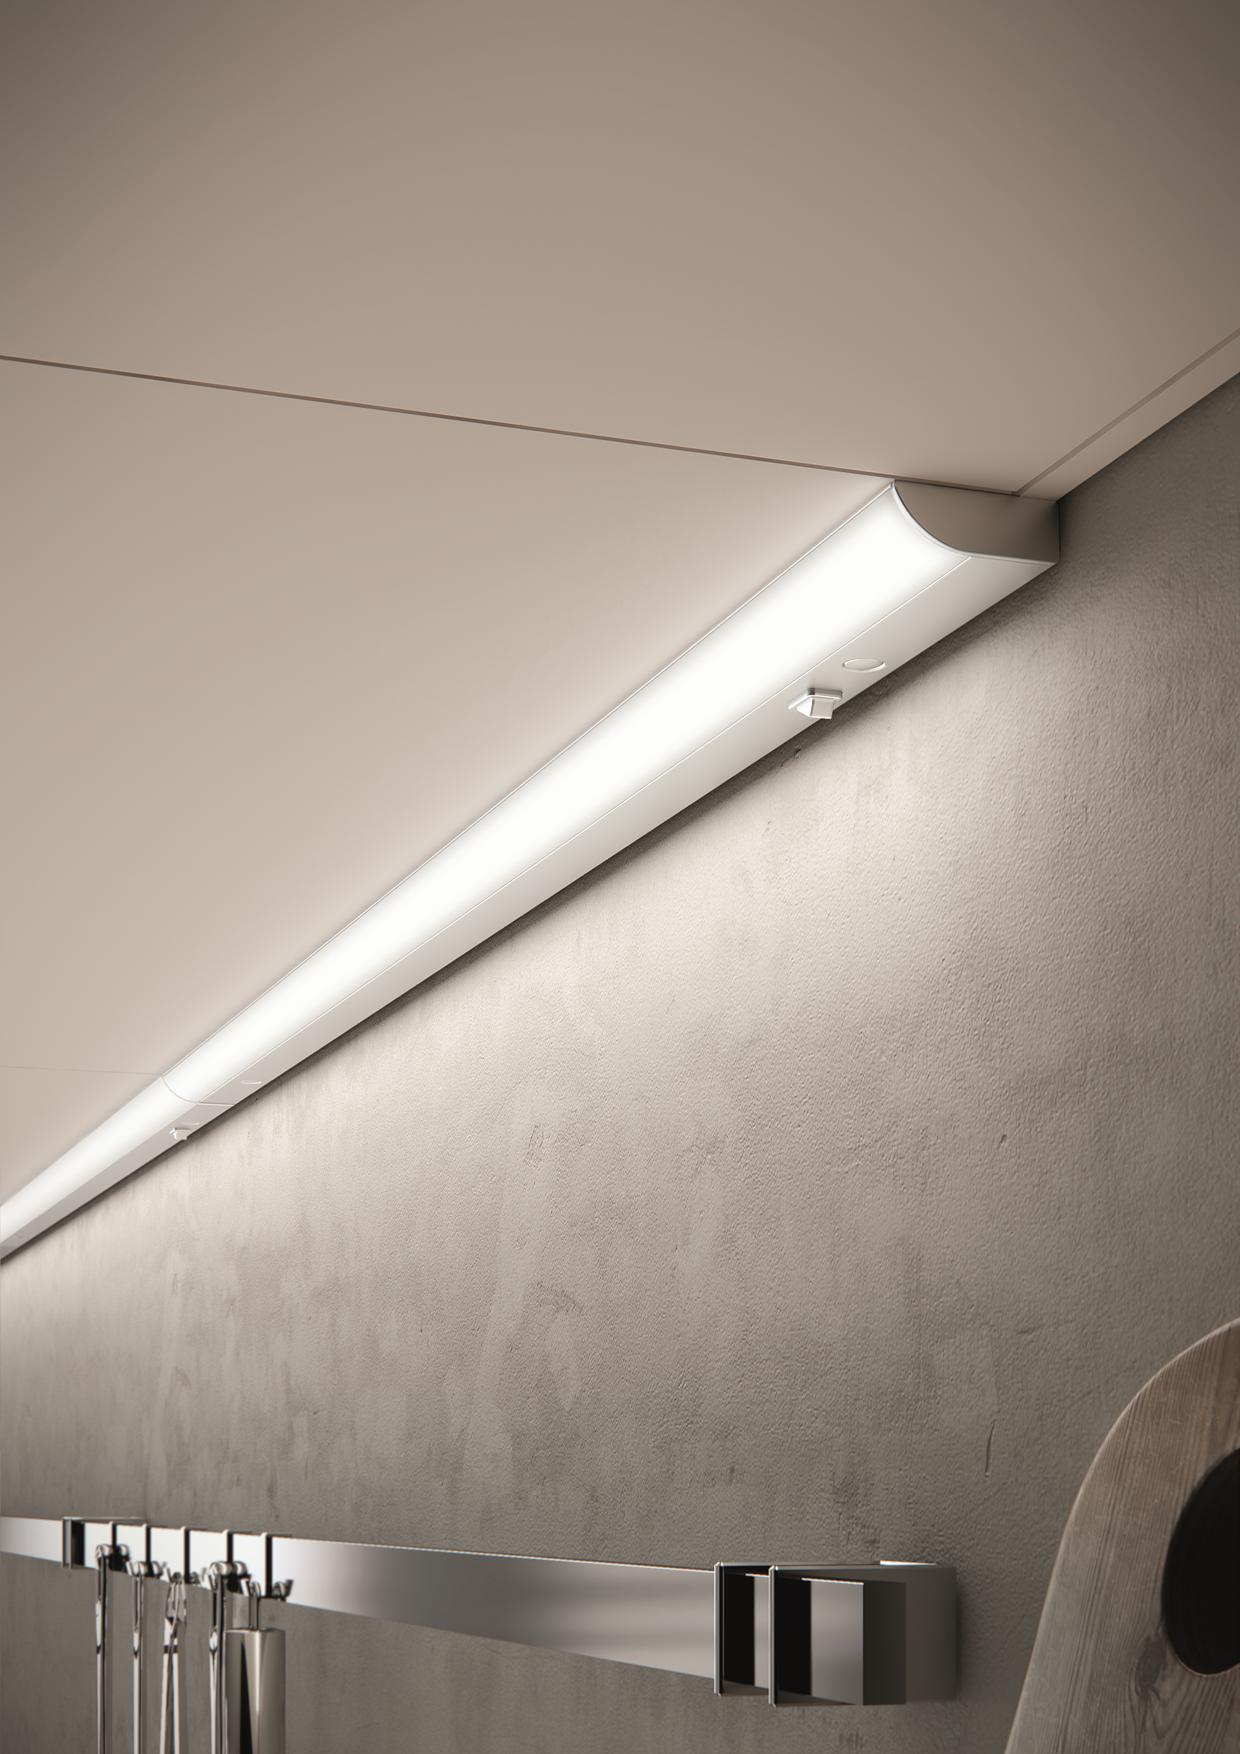 Domus Line LED Unterbauleuchte Küche FLOW Aluminium Lichtleiste 19V